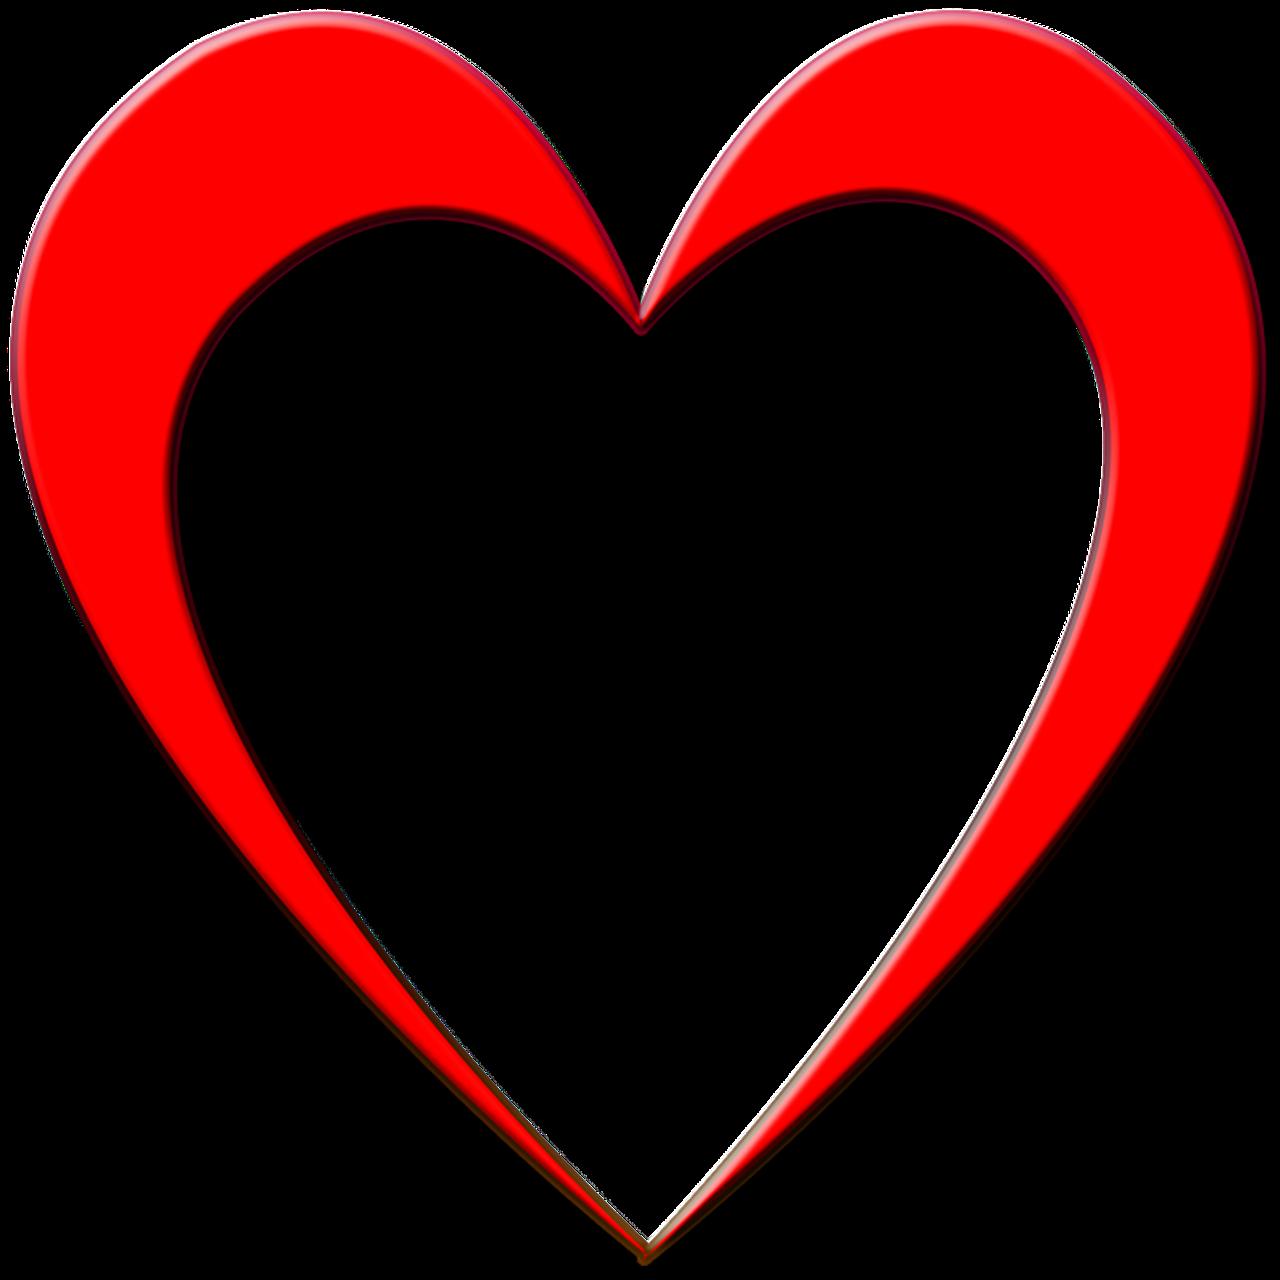 Картинка в векторе сердце